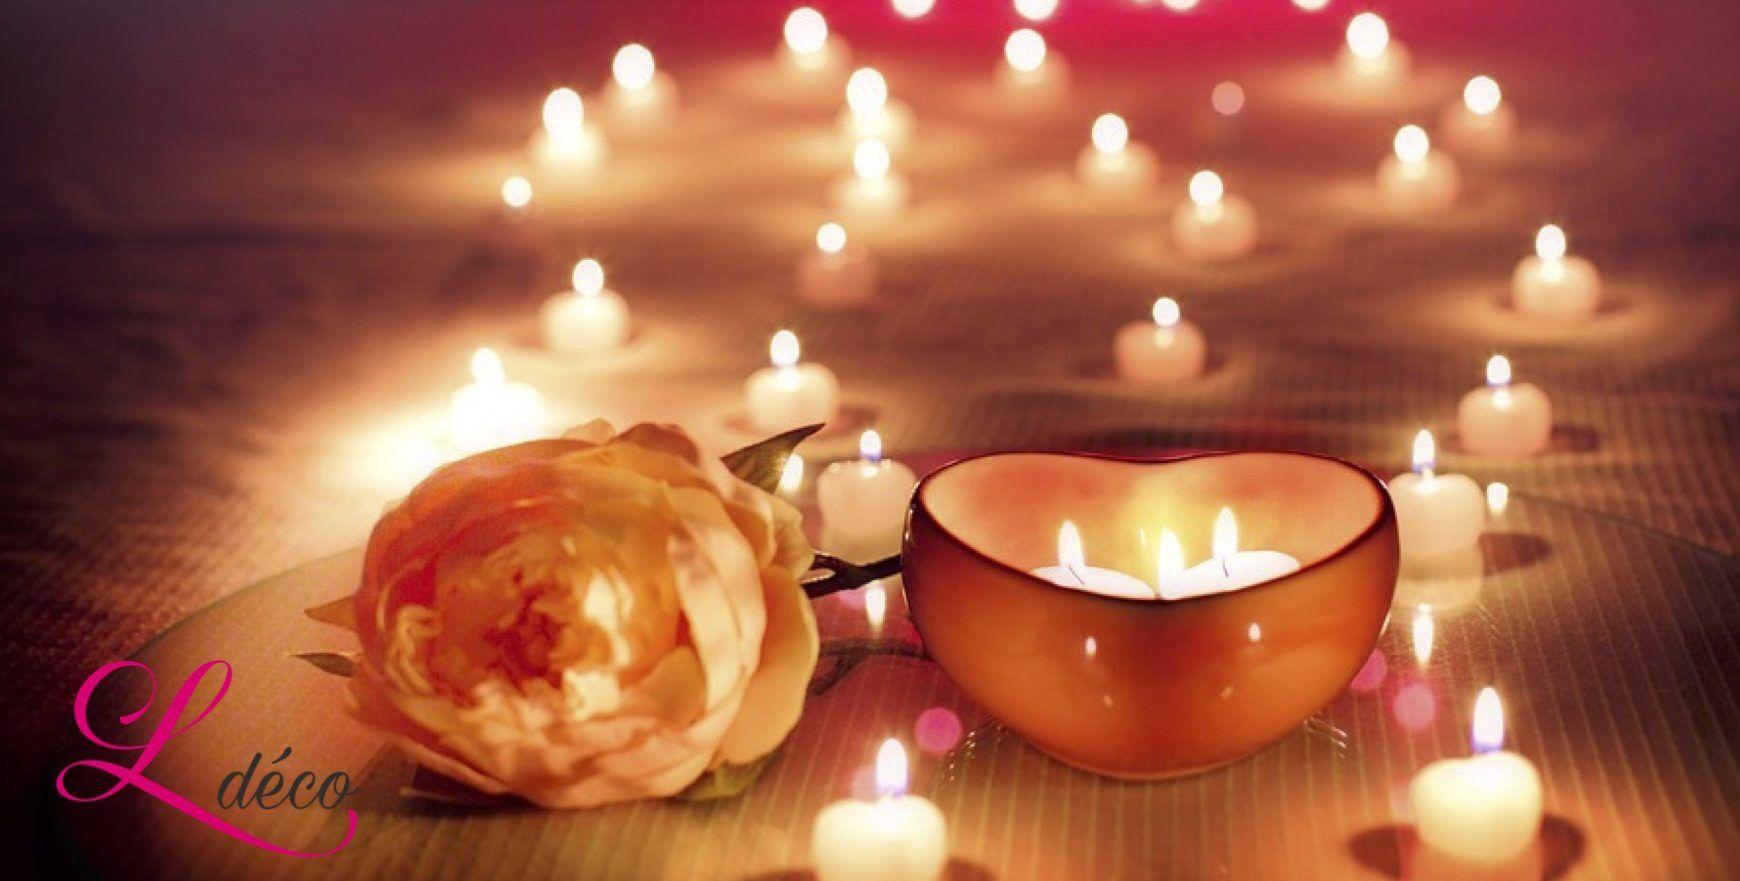 Des bougies romantique pour la Saint Valentin